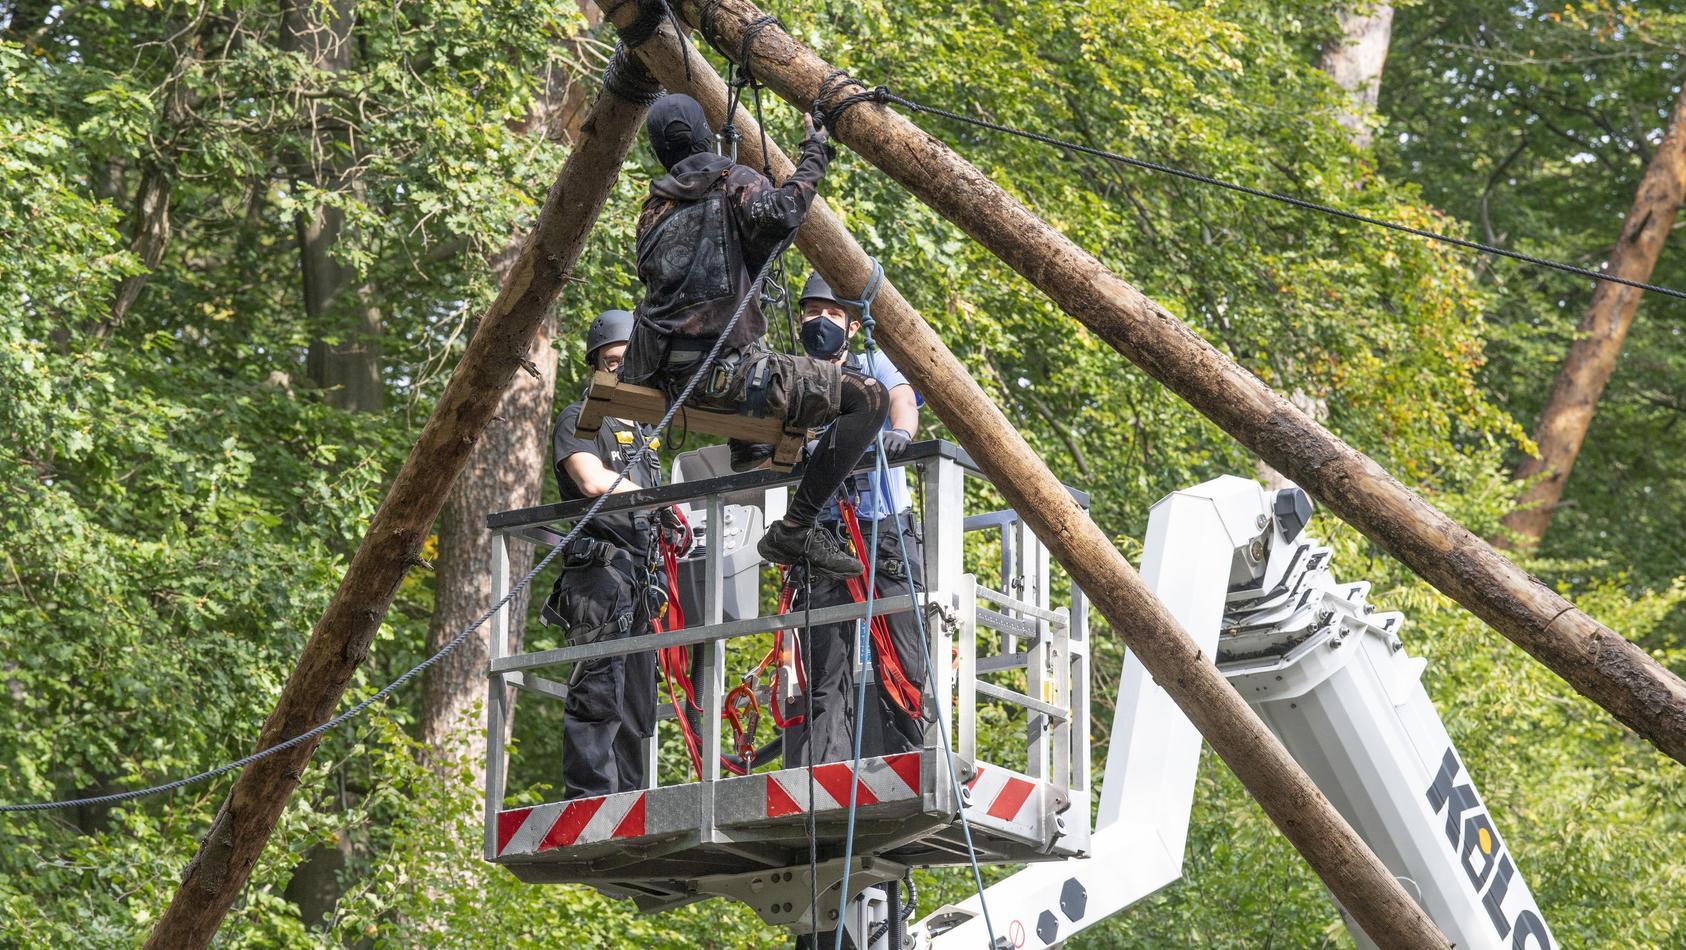 Polizisten im Hubsteiger: Um an die Aktivisten zu gelangen, nutzen die Einsatzkräfte auch unterschiedlichste Fahrzeuge.